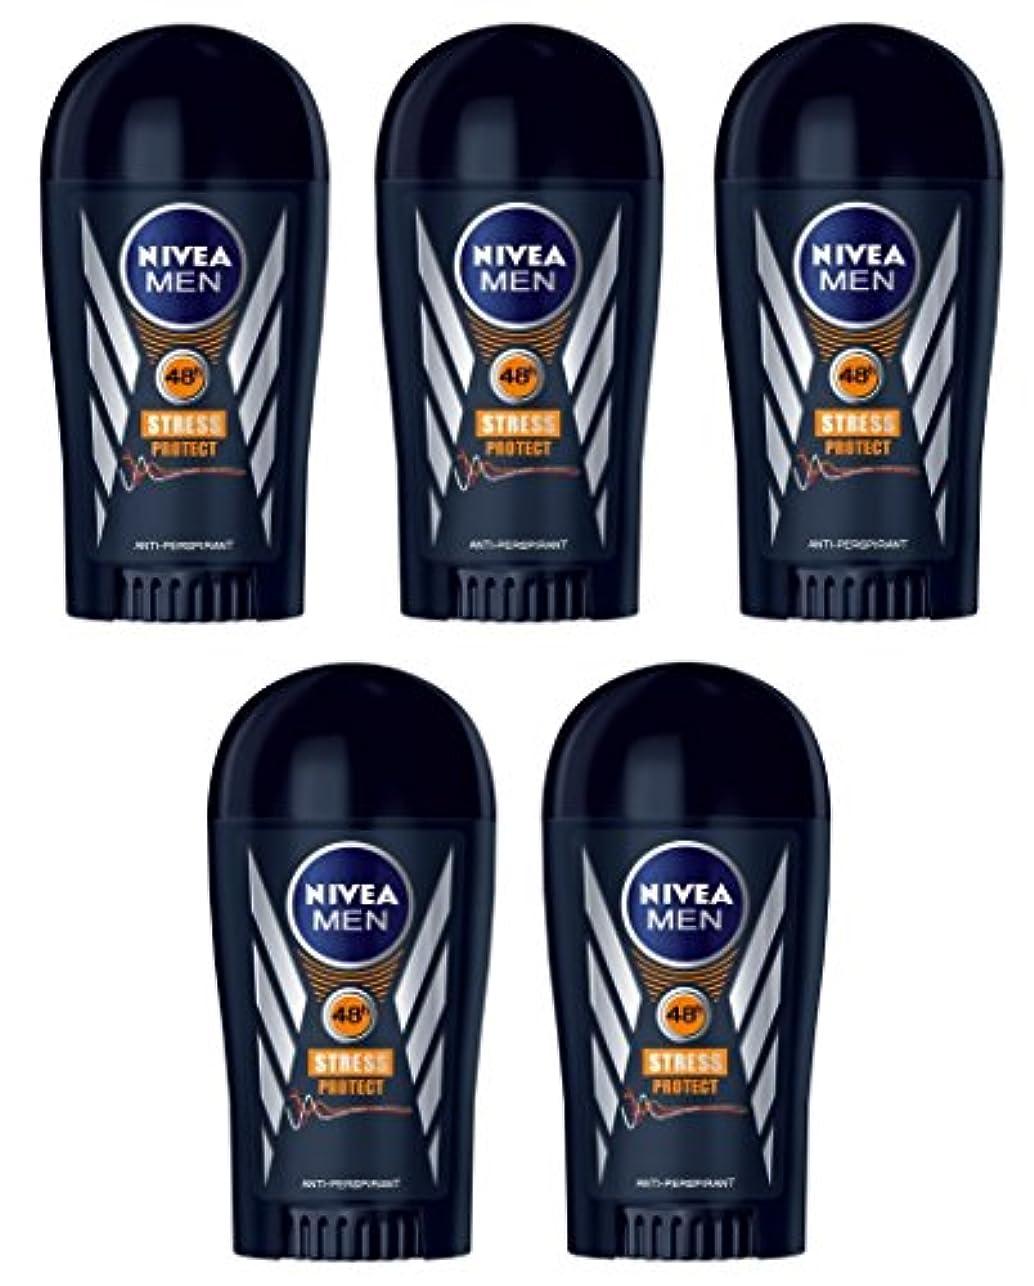 堤防会うマイナー(Pack of 5) Nivea Stress Protect Anti-perspirant Deodorant Solid Stick for Men 5x40ml - (5パック) ニベア応力プロテクト制汗剤デオドラントスティック...